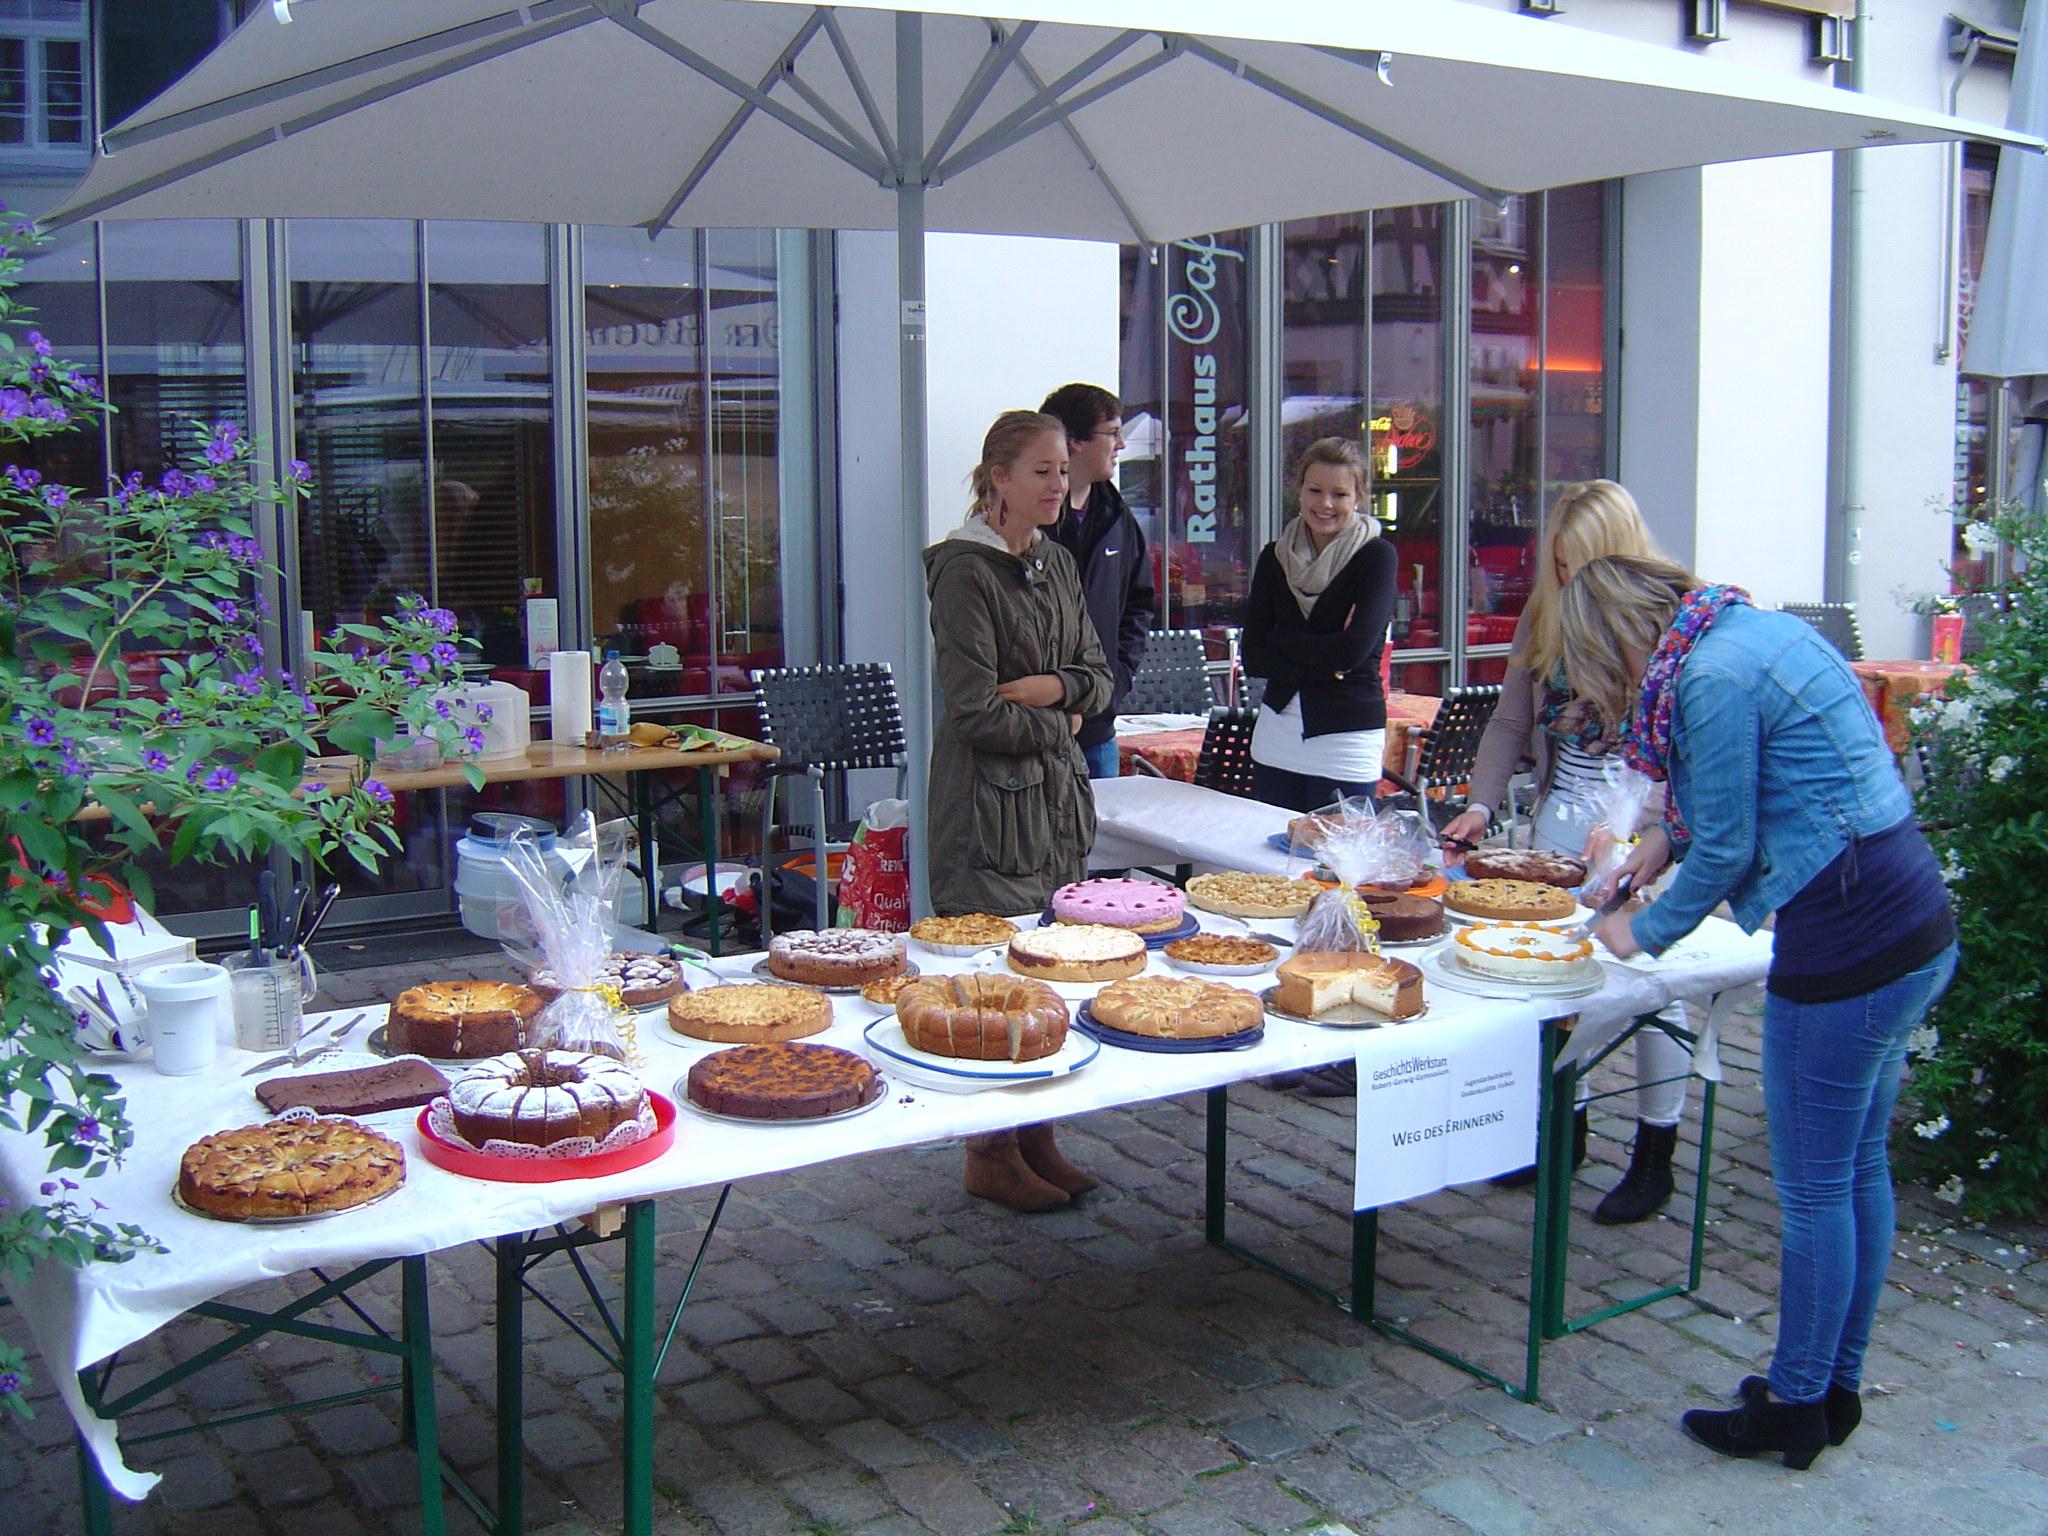 Eine Aktion zur Finanzierung: Kuchenverkauf auf dem Haslacher Wochenmarkt im September 2011